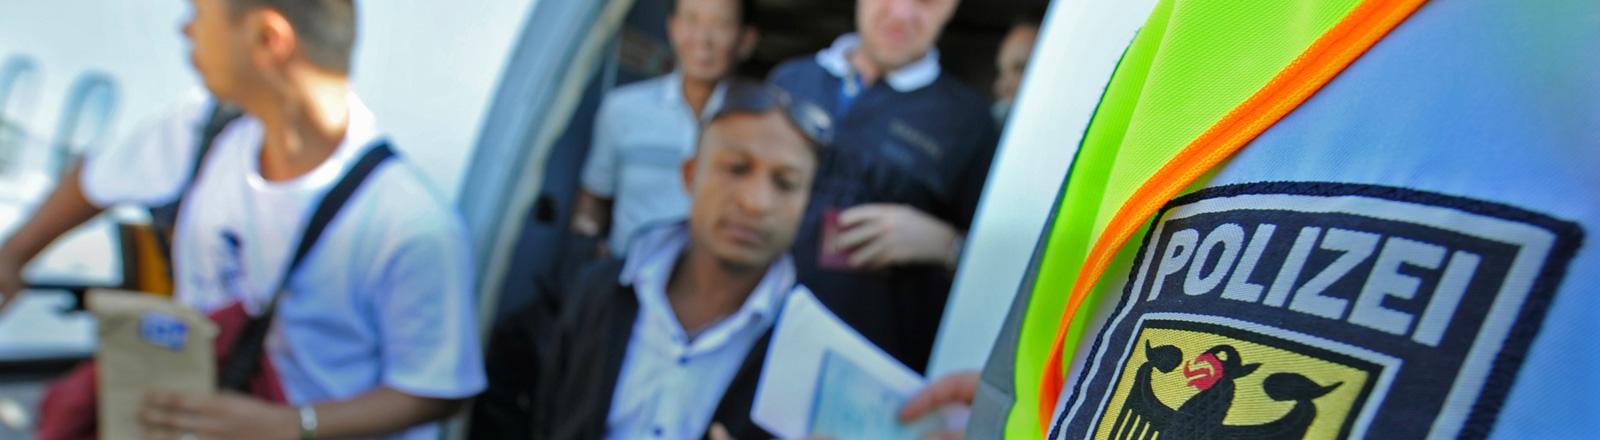 Beamte der Bundespolizei führen am Flughafen Frankfurt/Main bei Reisenden, die gerade ihr Flugzeug verlassen, eine Dokumentensichtung durch.